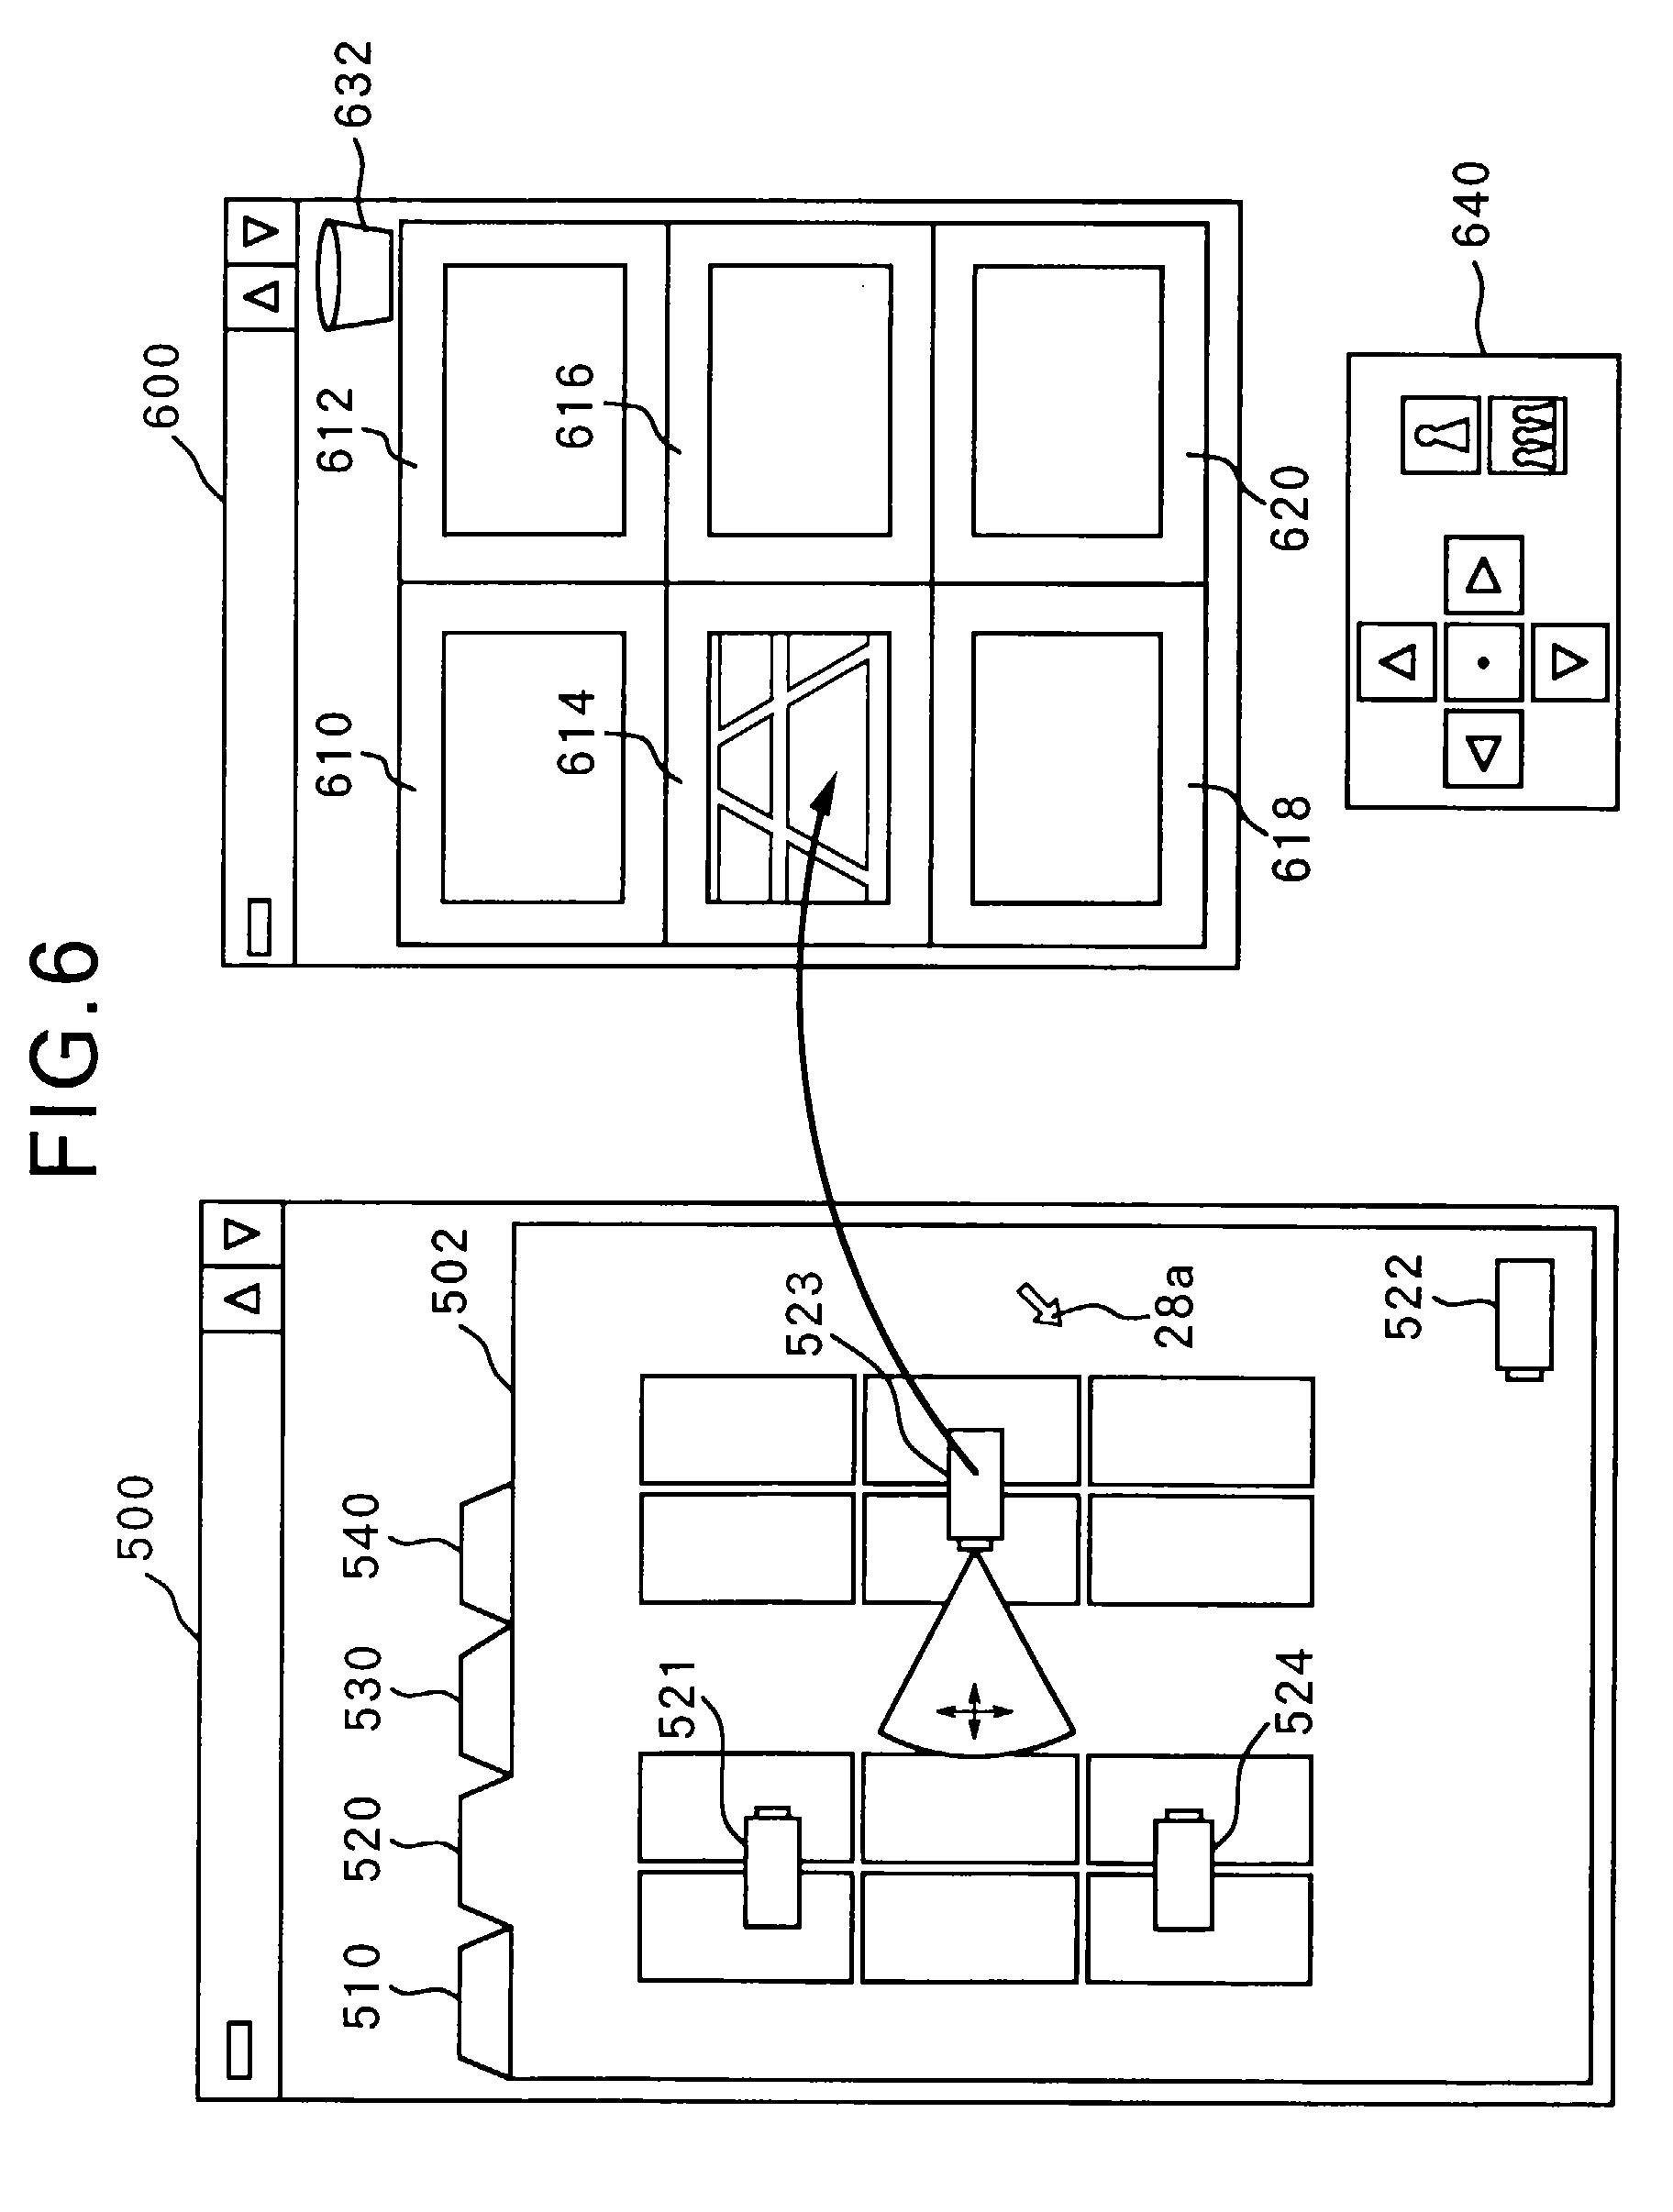 patent ep0804031a2 bildanzeigeger t verfahren und ger t zur kamerasteuerung google patentsuche. Black Bedroom Furniture Sets. Home Design Ideas